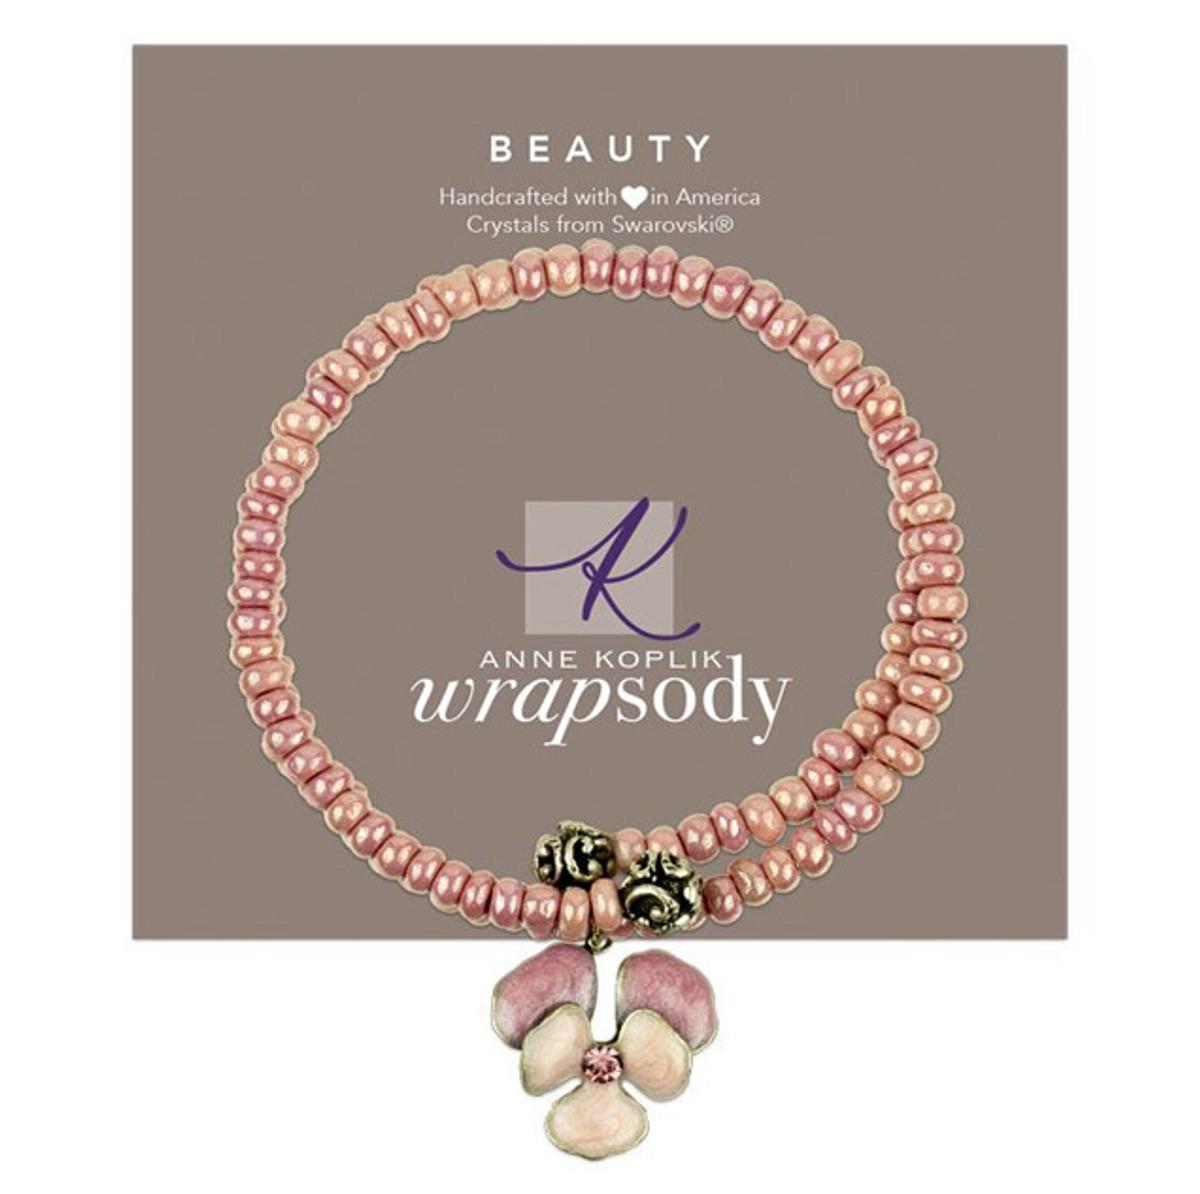 Anne Koplik Beauty Wrapsody Bracelet